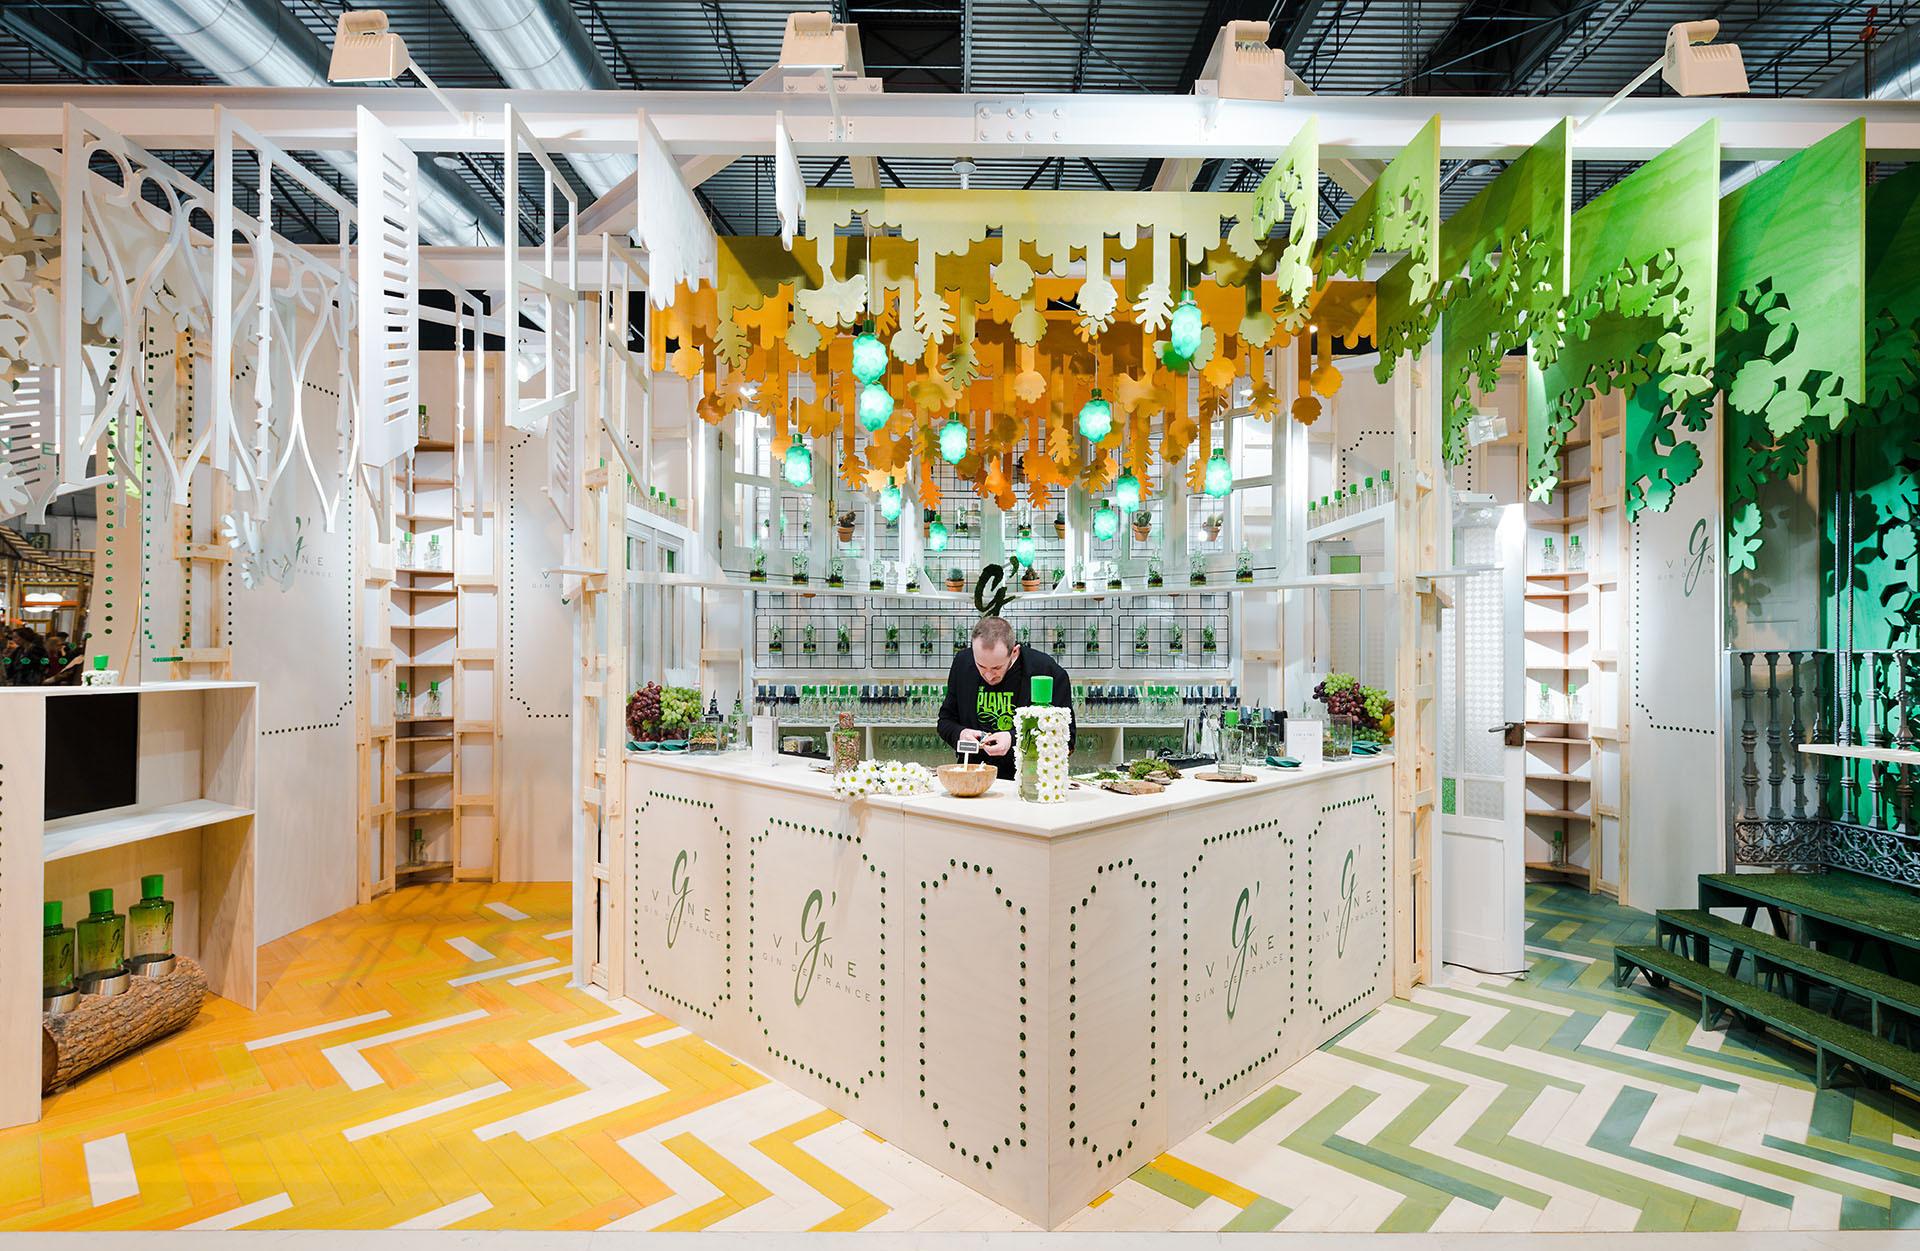 Arcomadrid 2016 el dise o de izaskun chinchilla para g for Arquitectura de proyectos